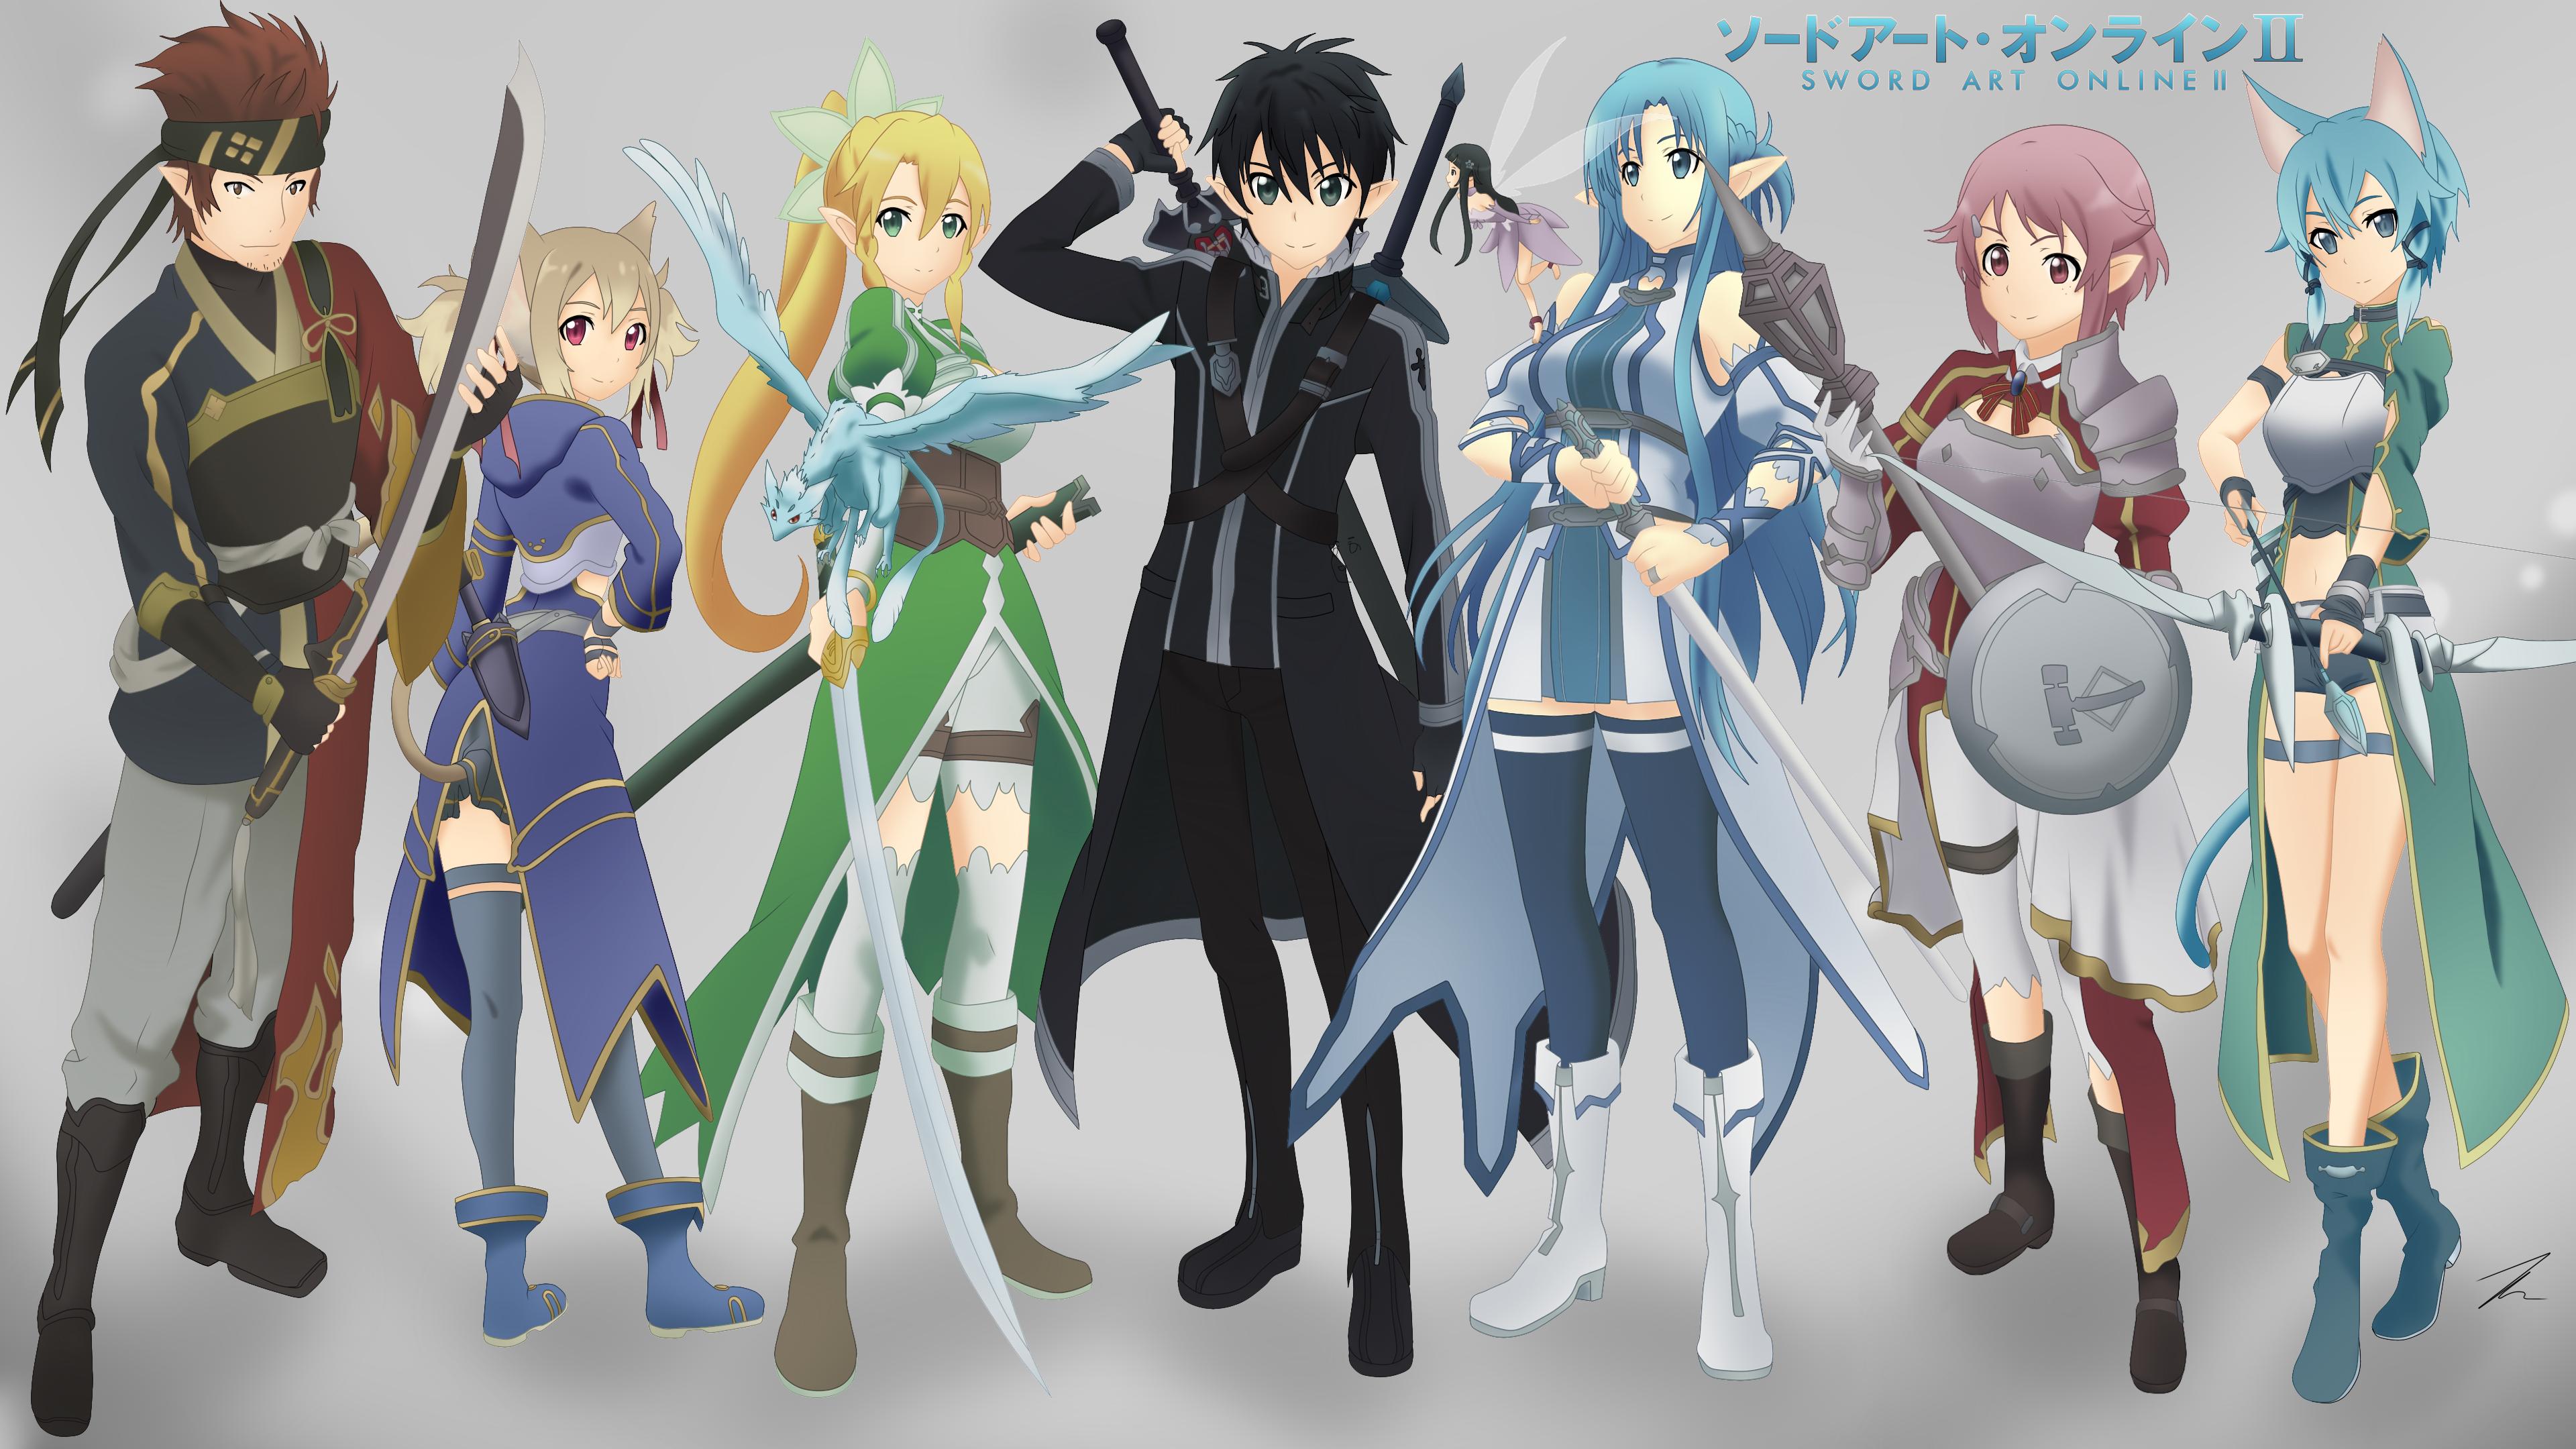 Sword Art Online Ii Wallpaper By Exede On Deviantart